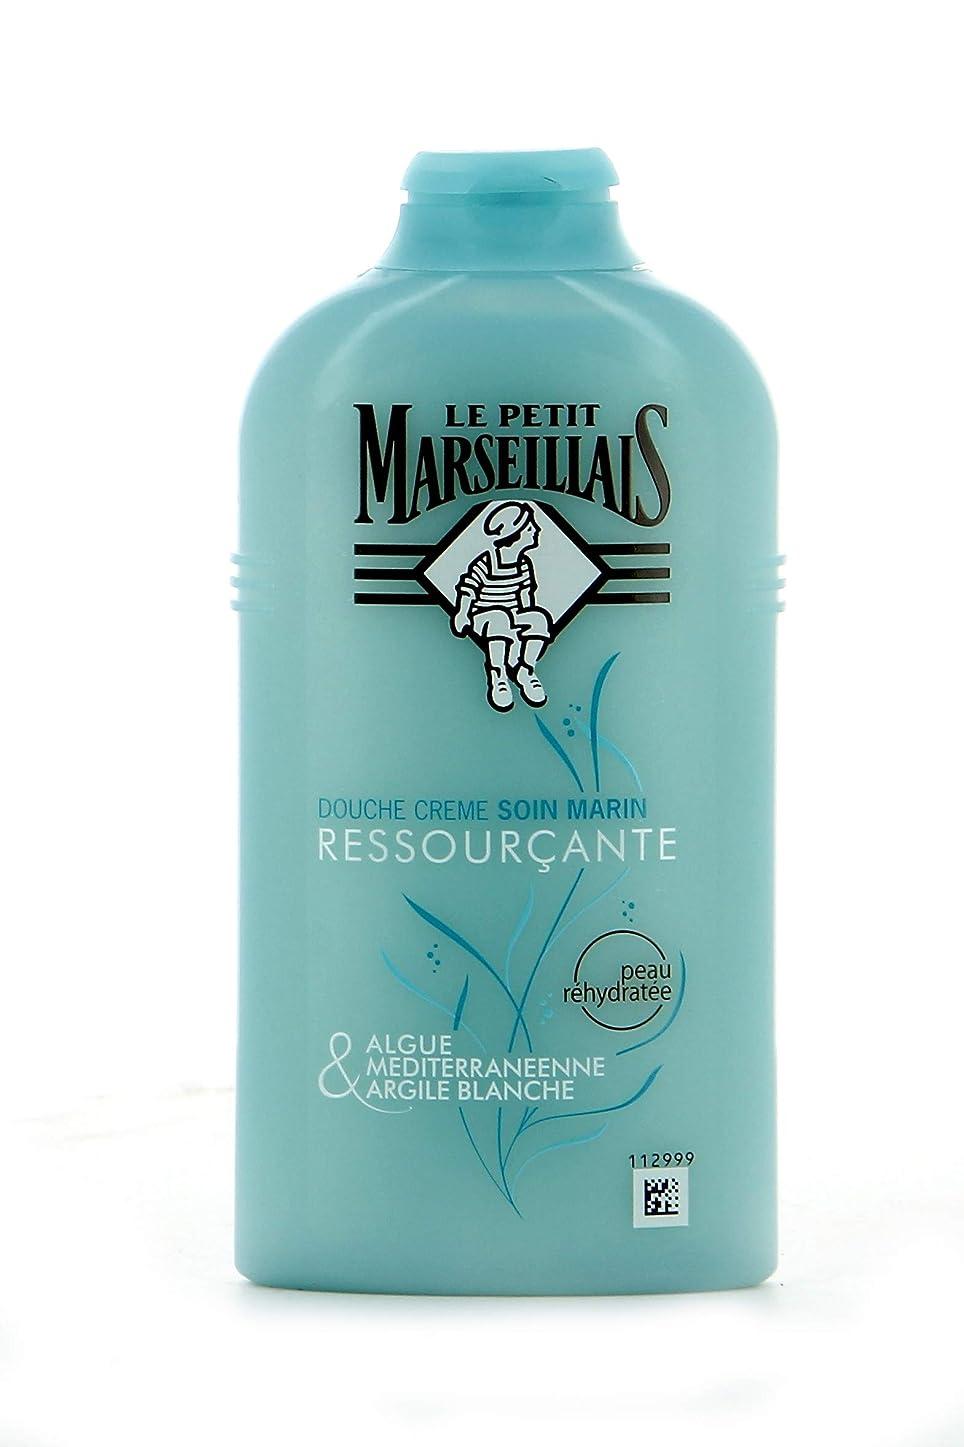 絶望的なアームストロング達成「海藻」と「地中海ホワイトクレイ」シャワークリーム ???? フランスの「ル?プティ?マルセイユ(Le Petit Marseillais)」 250 ml ボディソープ